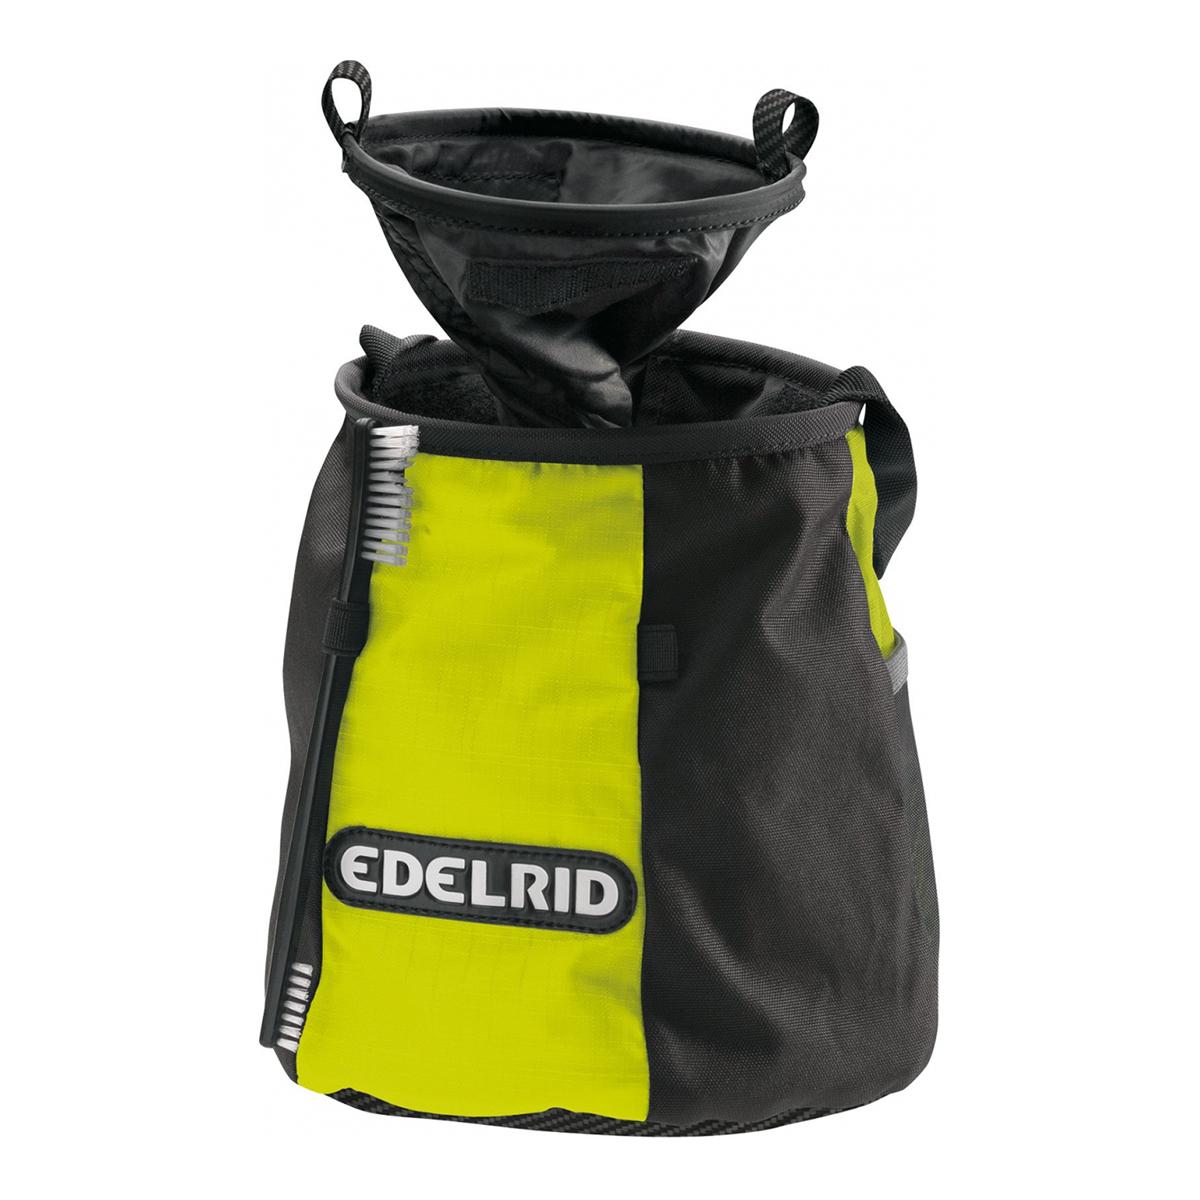 Edelrid Boulder Bag 2015 | Chalk & Chalk Bags | EpicTV Shop